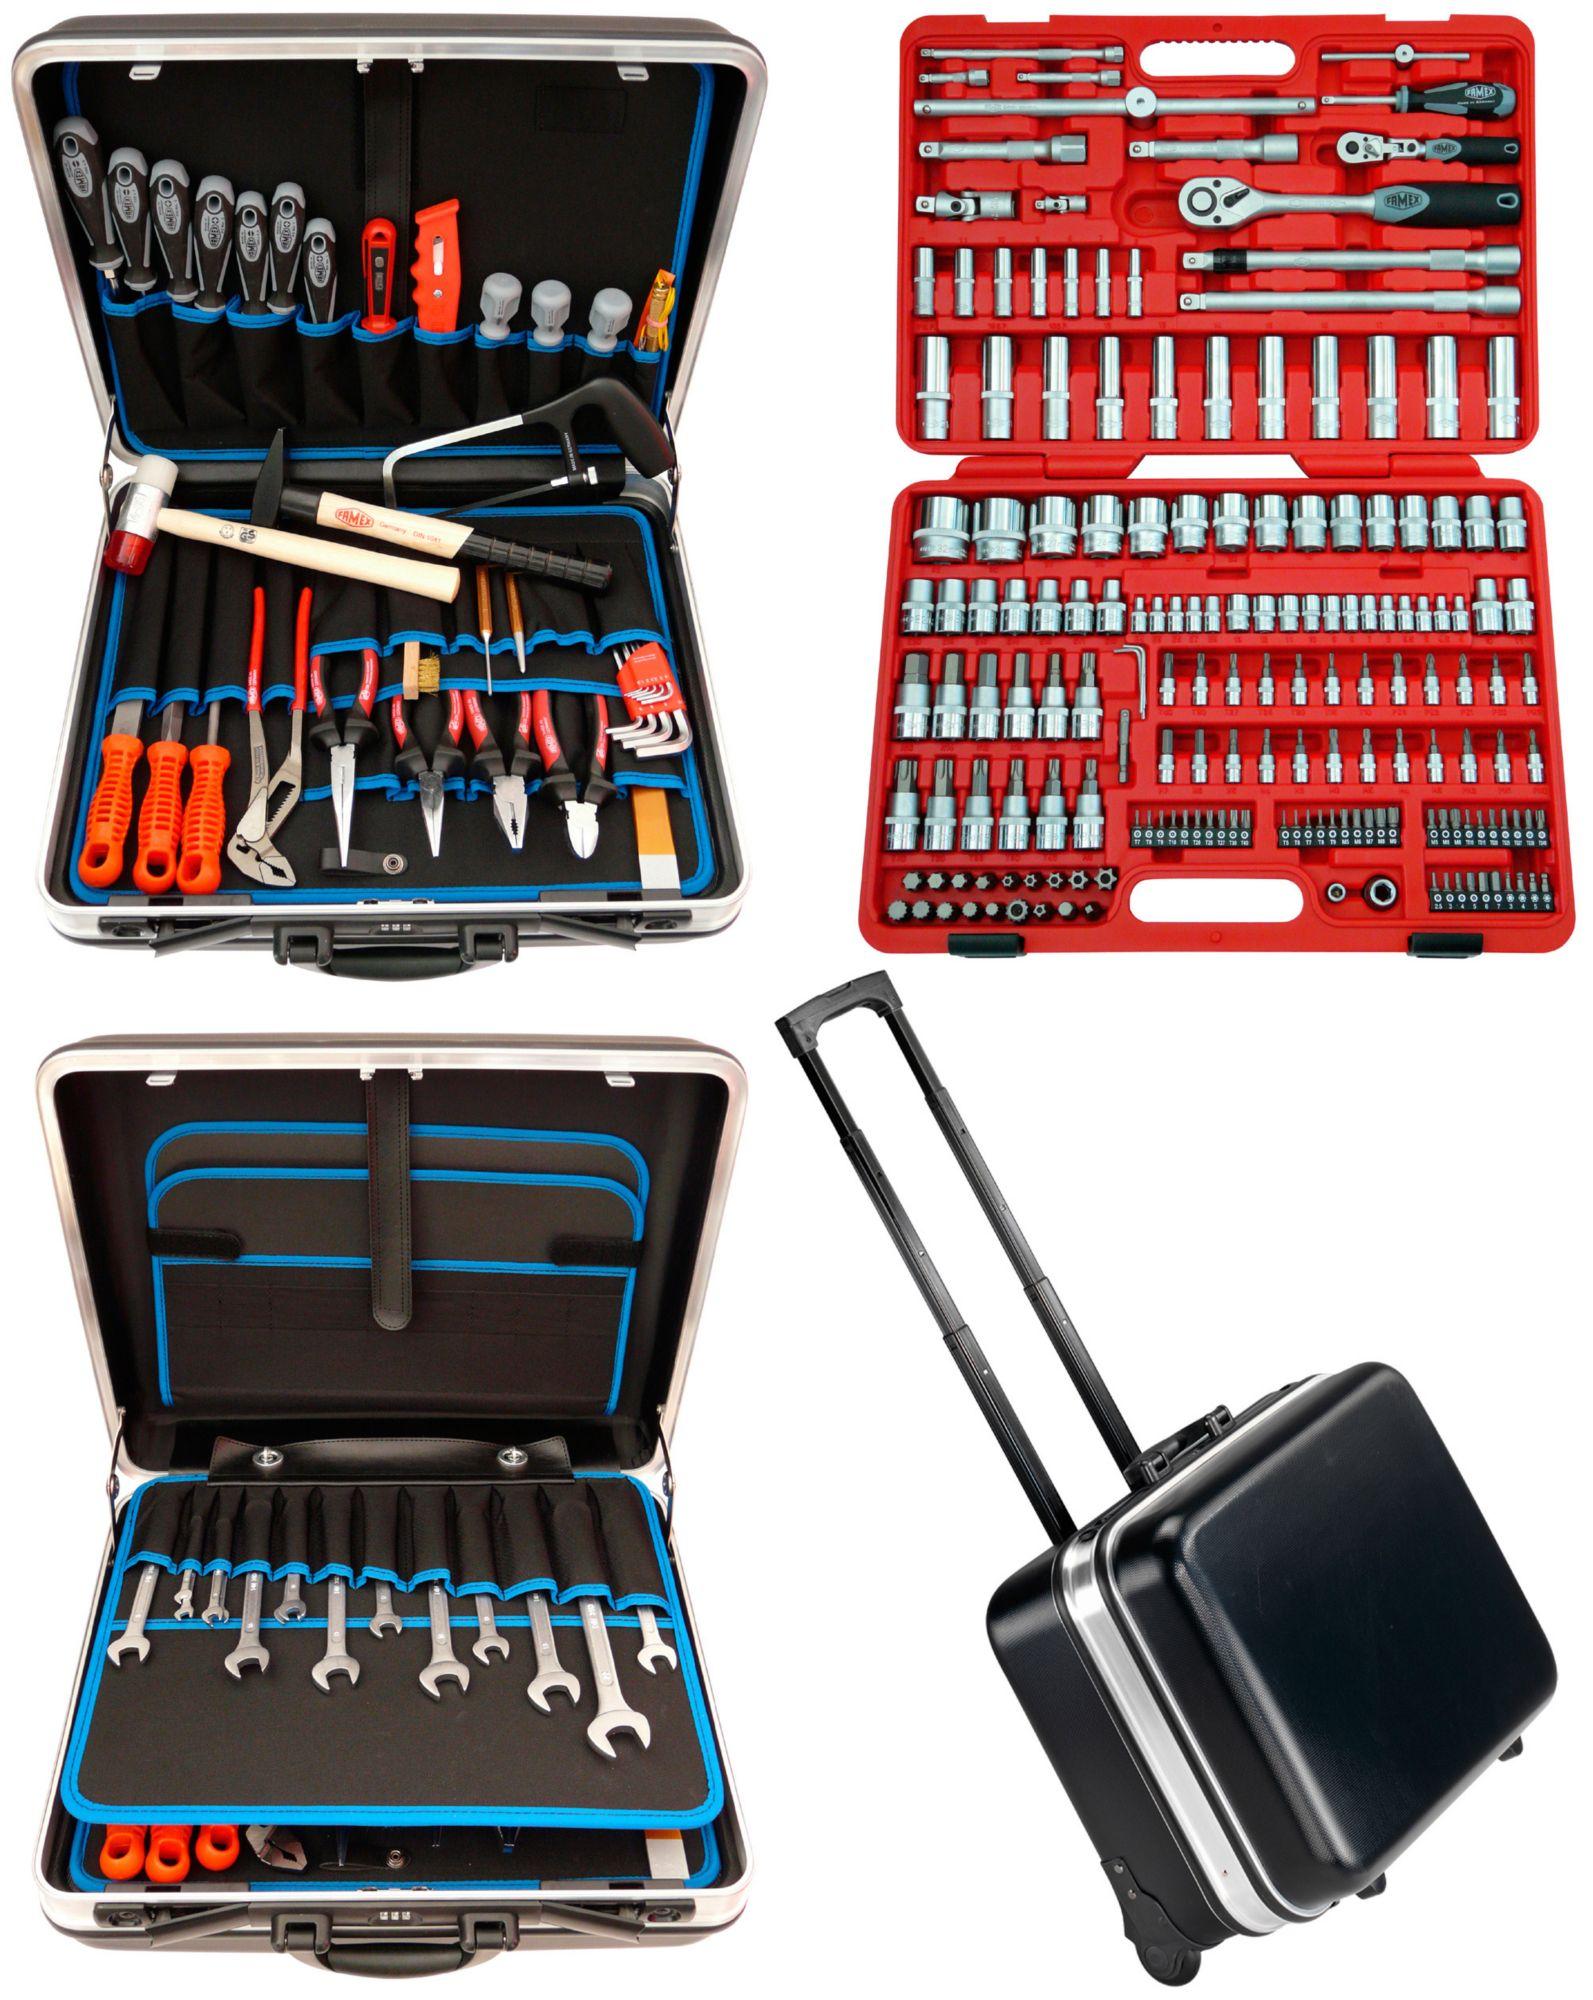 FAMEX Famex Trolley ABS Werkzeugkoffer Set »Famex 606-09« mit 174tlg. Steckschlüsselsatz